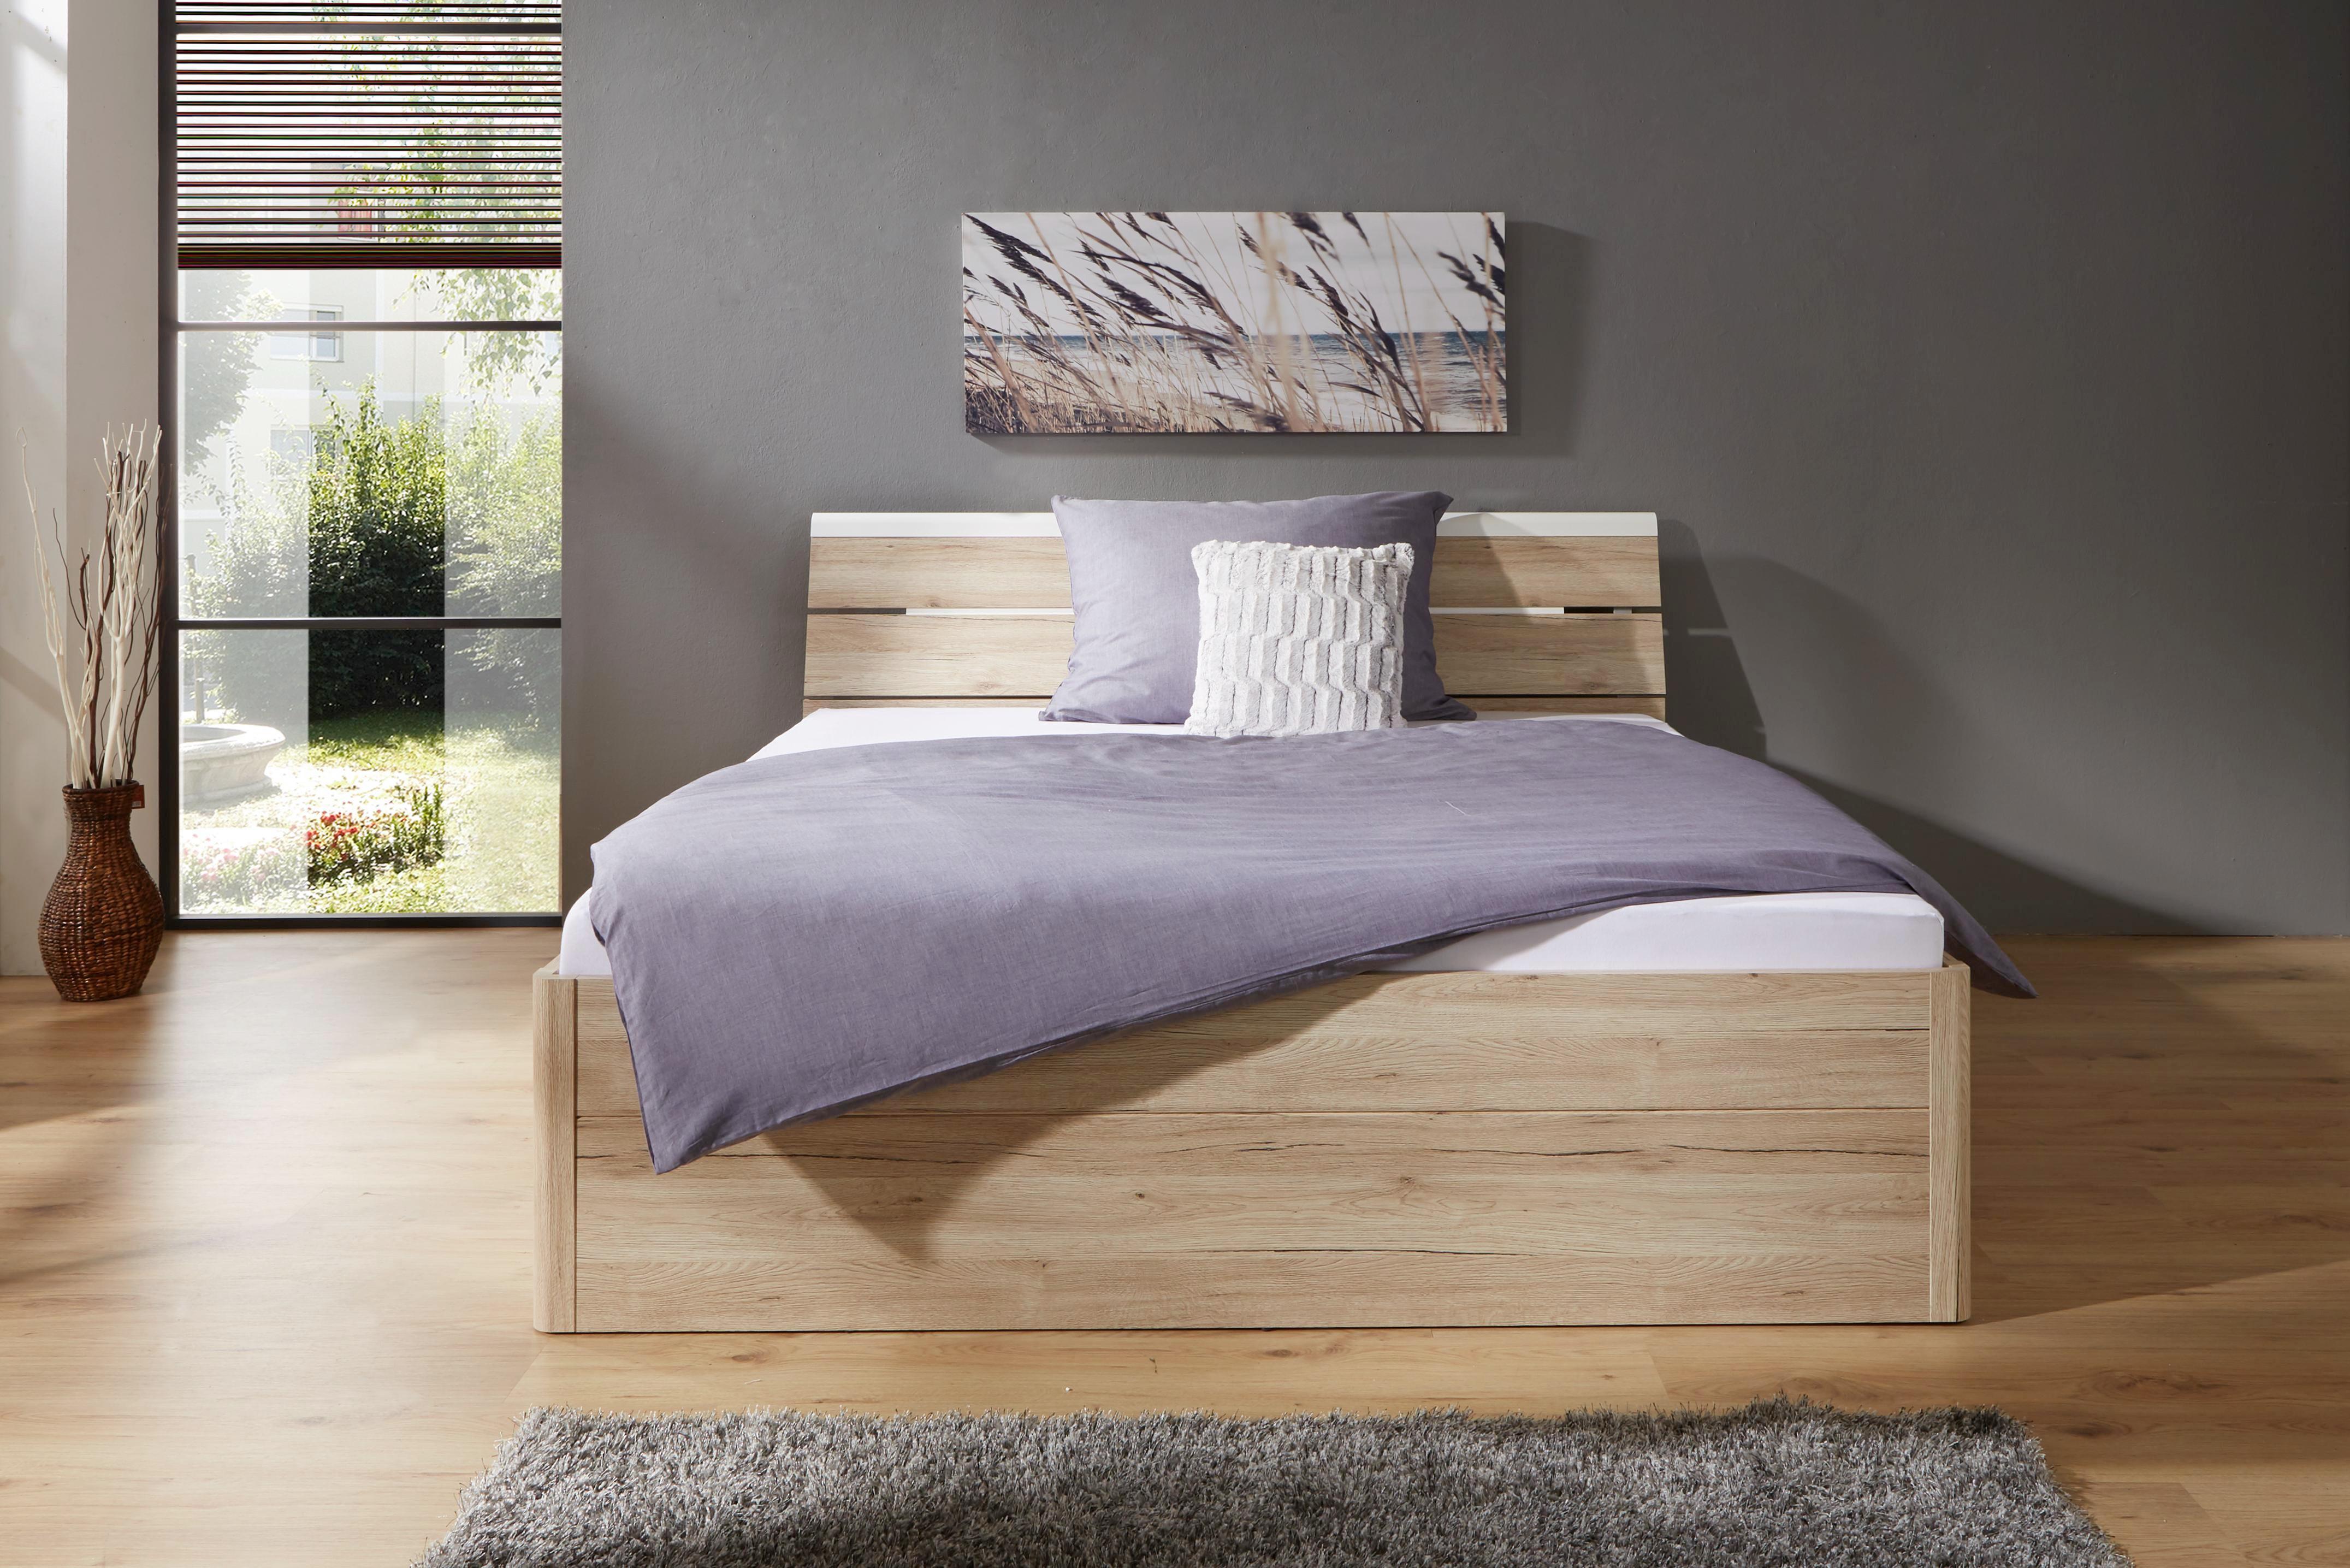 Postel Mars - bílá/barvy dubu, Moderní, dřevěný materiál (145/97/216cm)